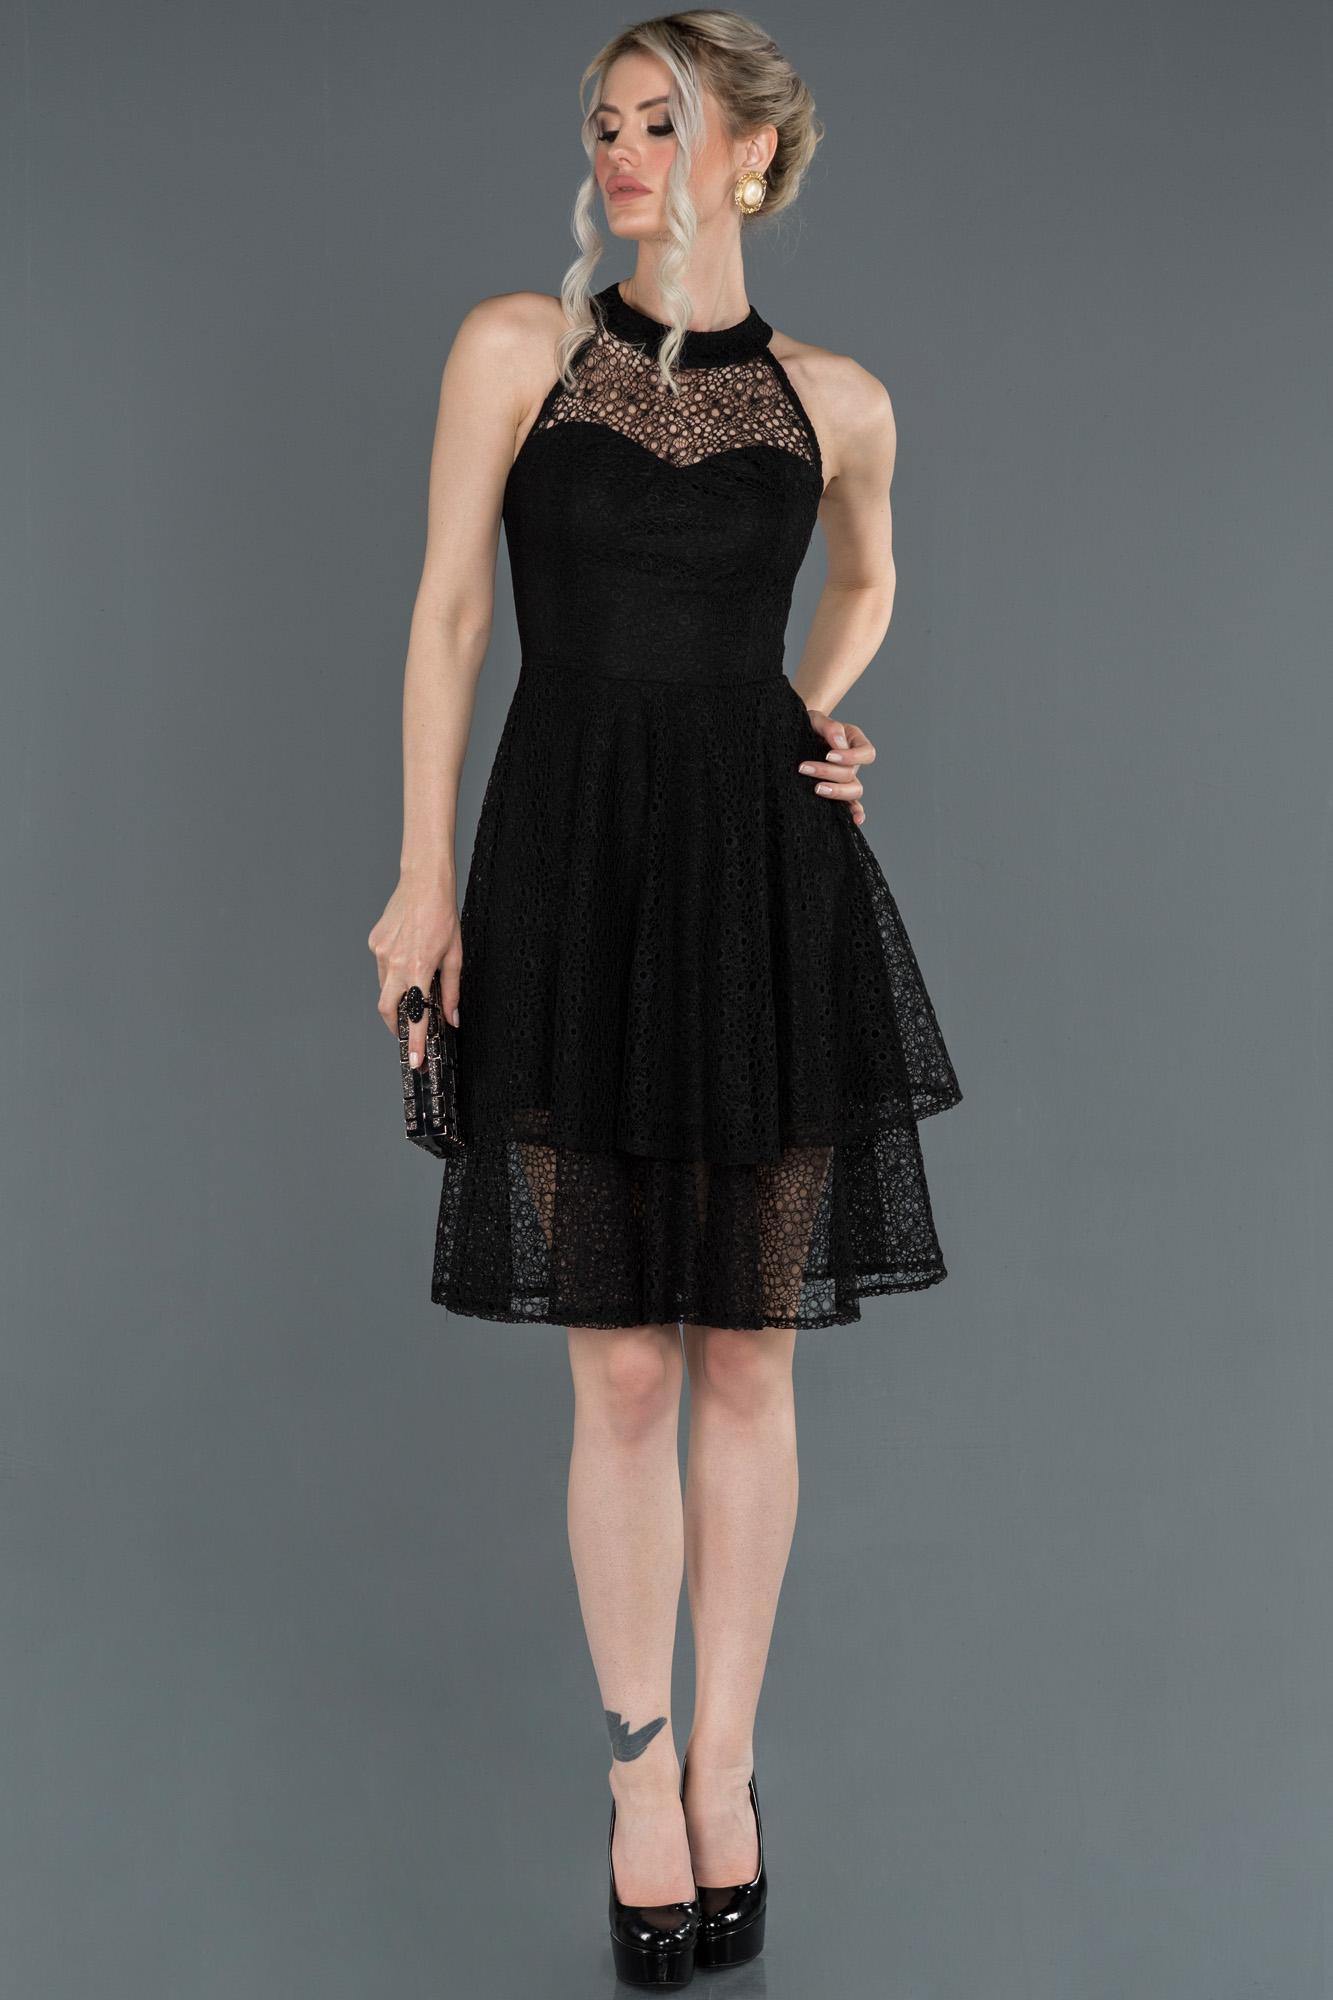 Siyah Etekleri Katlı Dantel Abiye Elbise